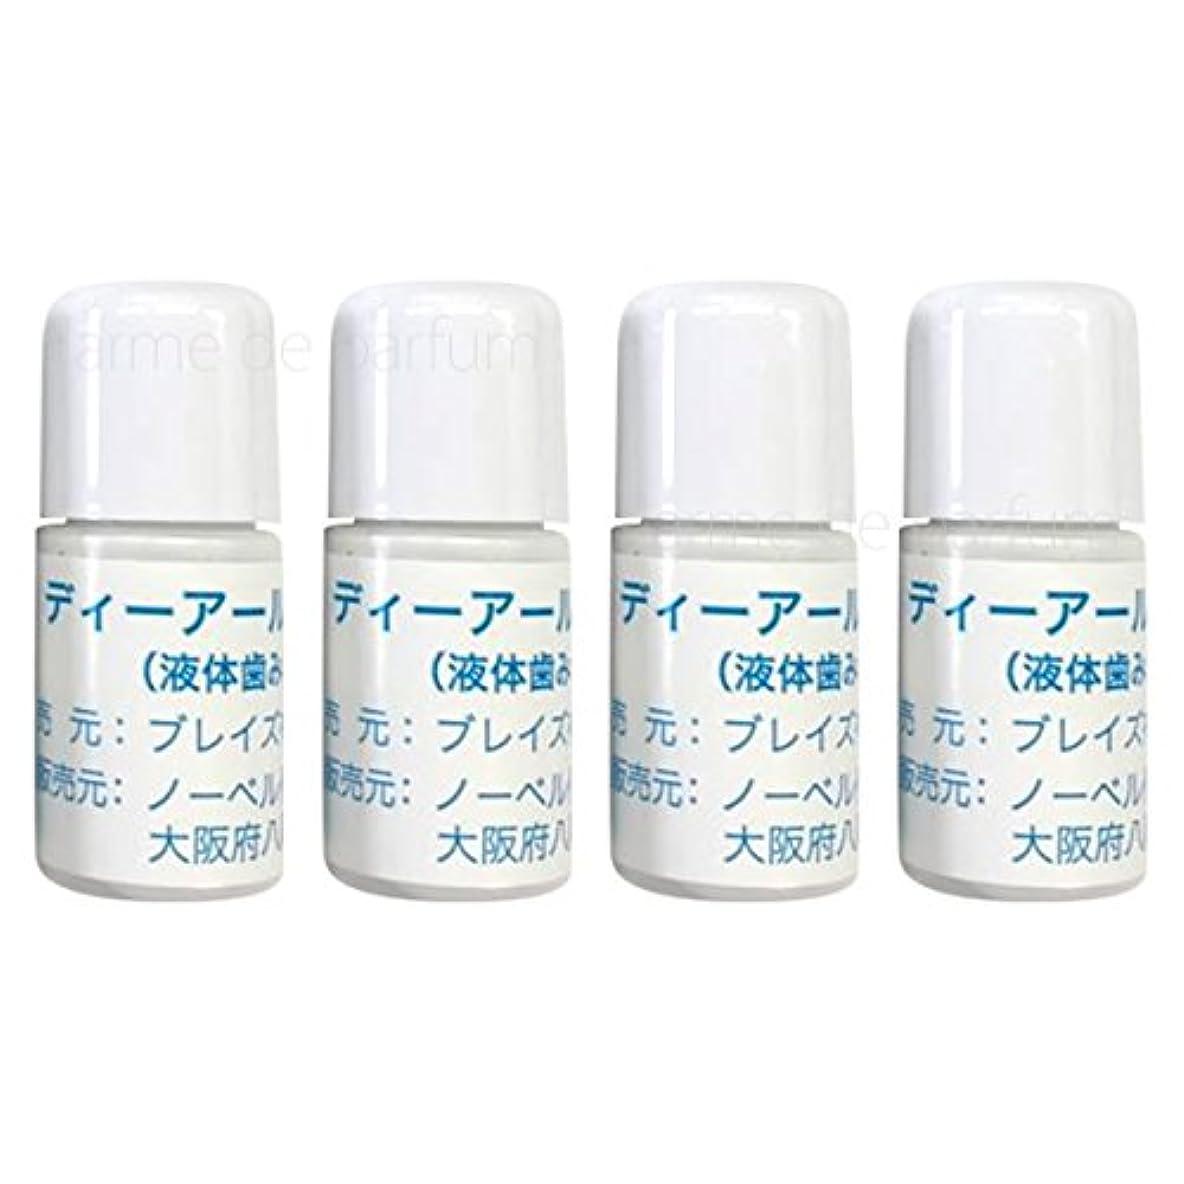 不安定な消費する繊細DR.WHITE(ドクターホワイト) (補充専用溶剤(約15回分))